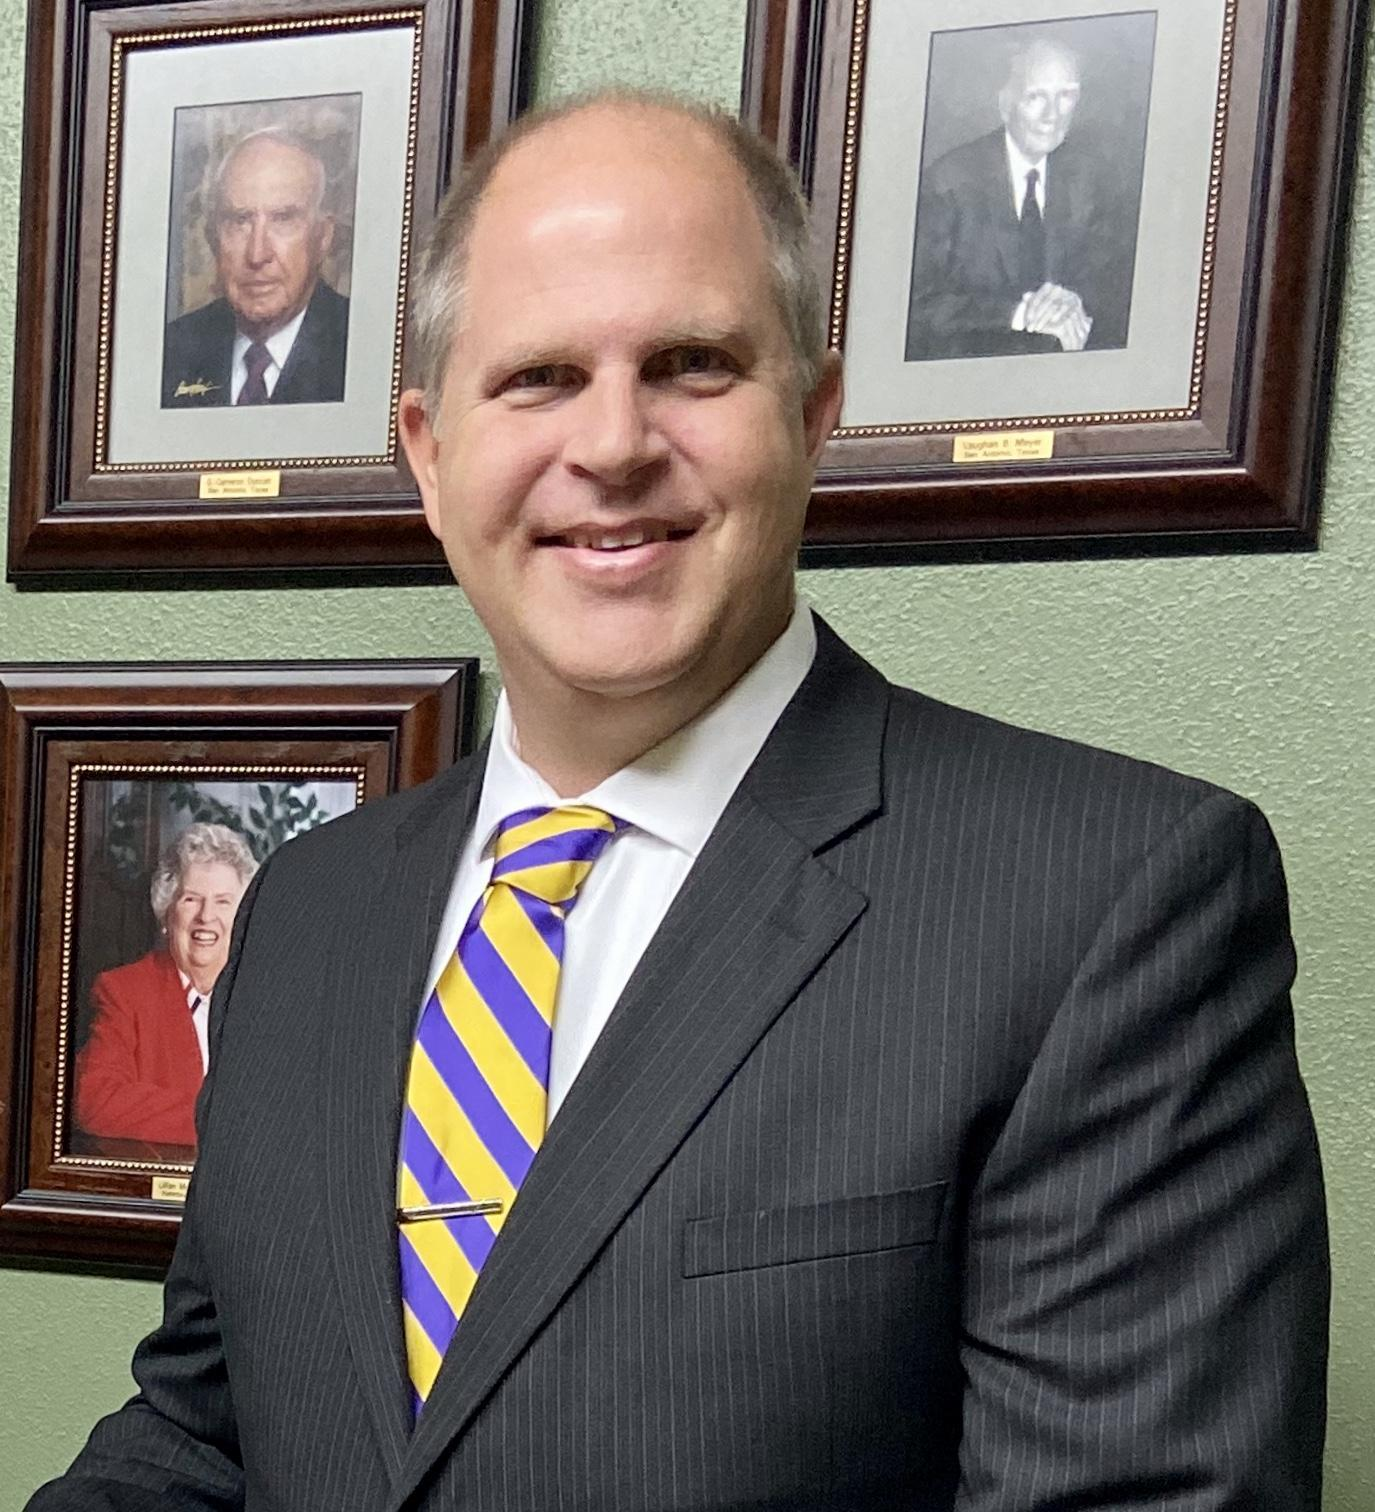 Superintendent Alex Remschel